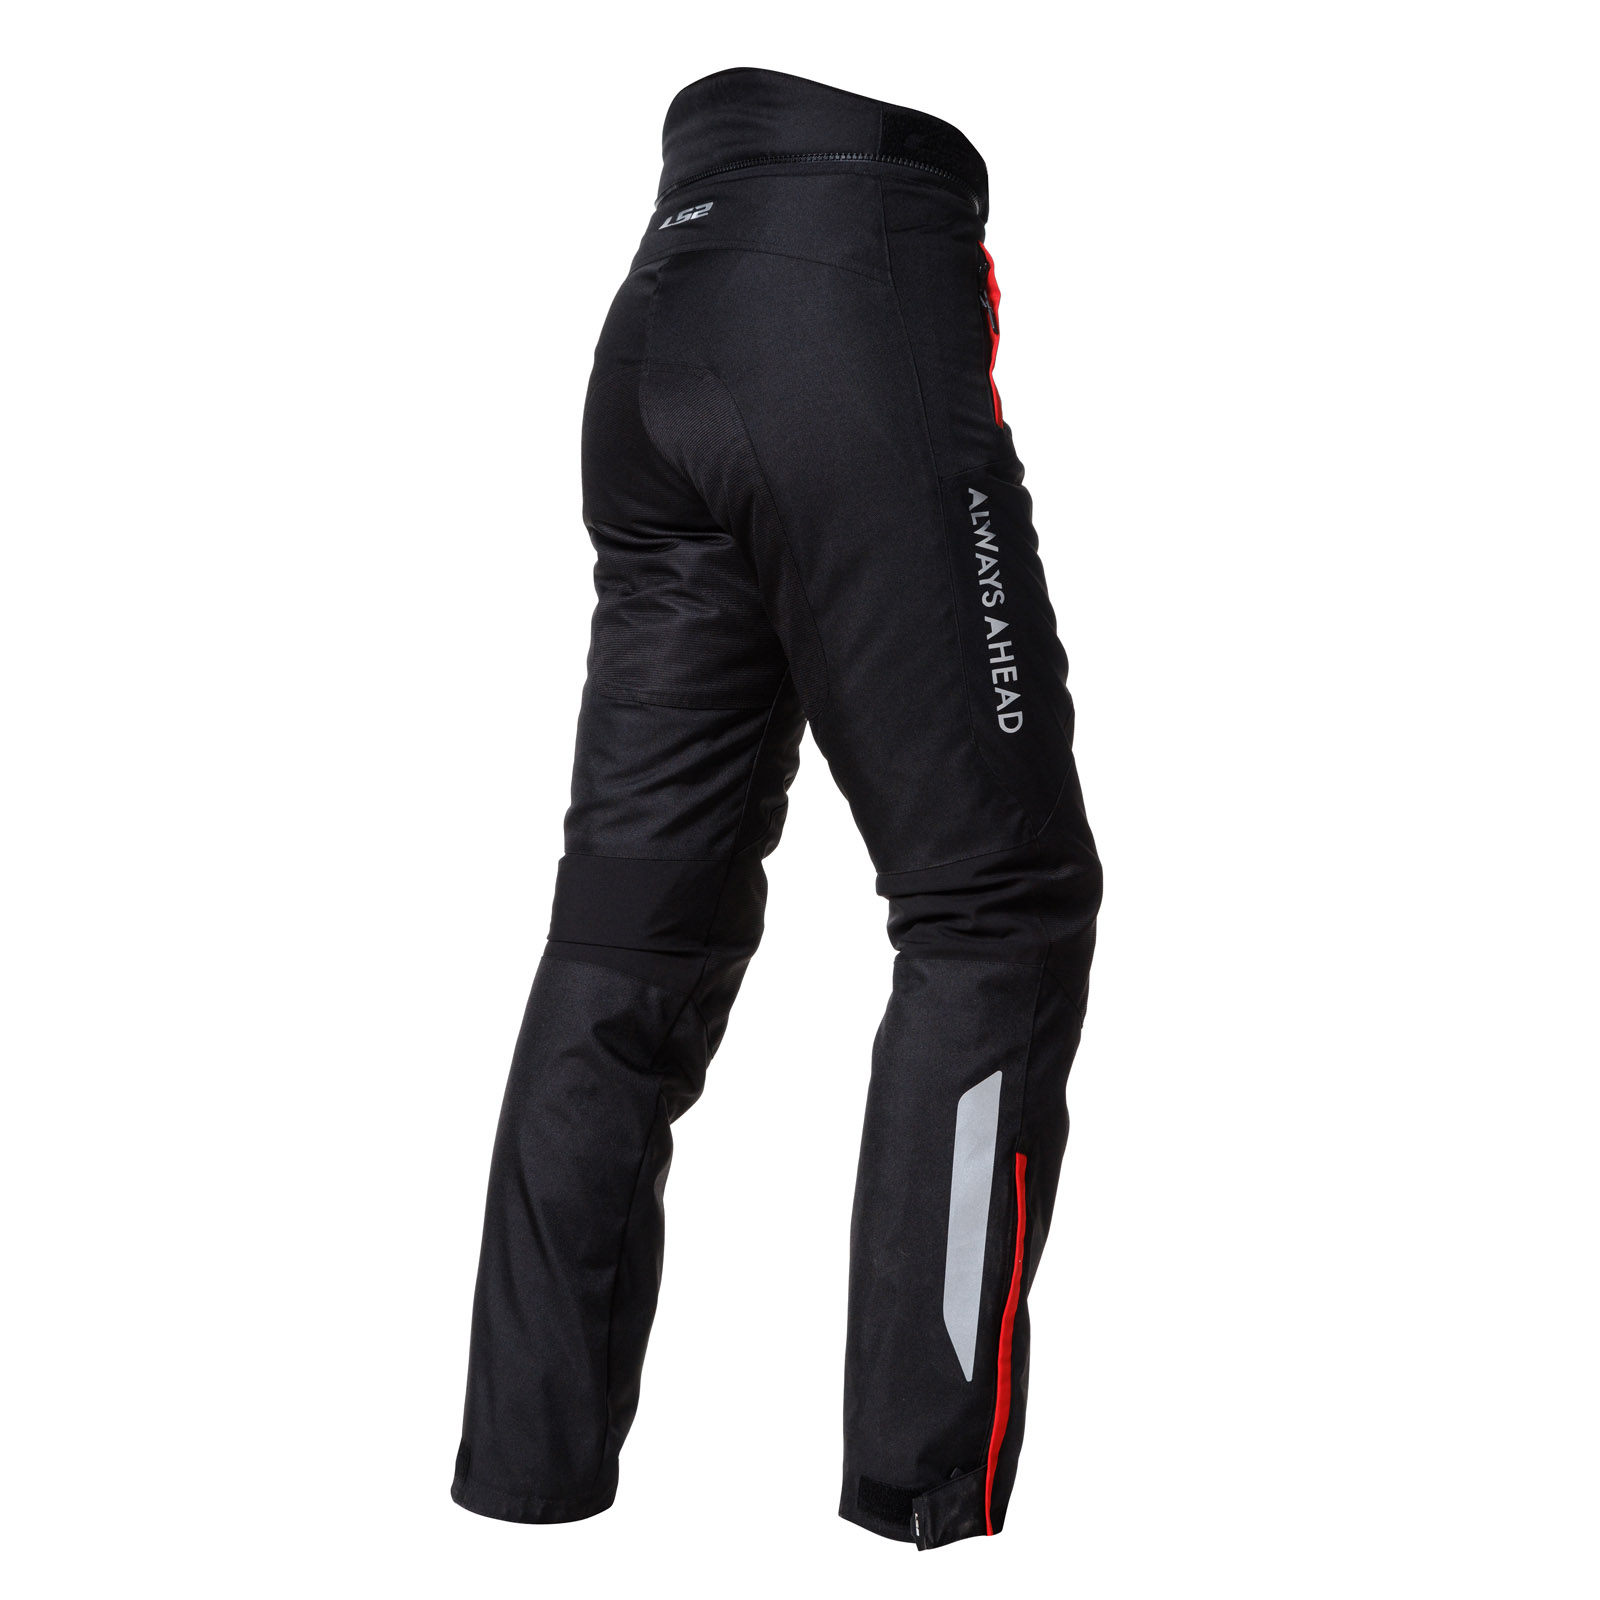 pantalon ls2 chart negro mujer talle xl